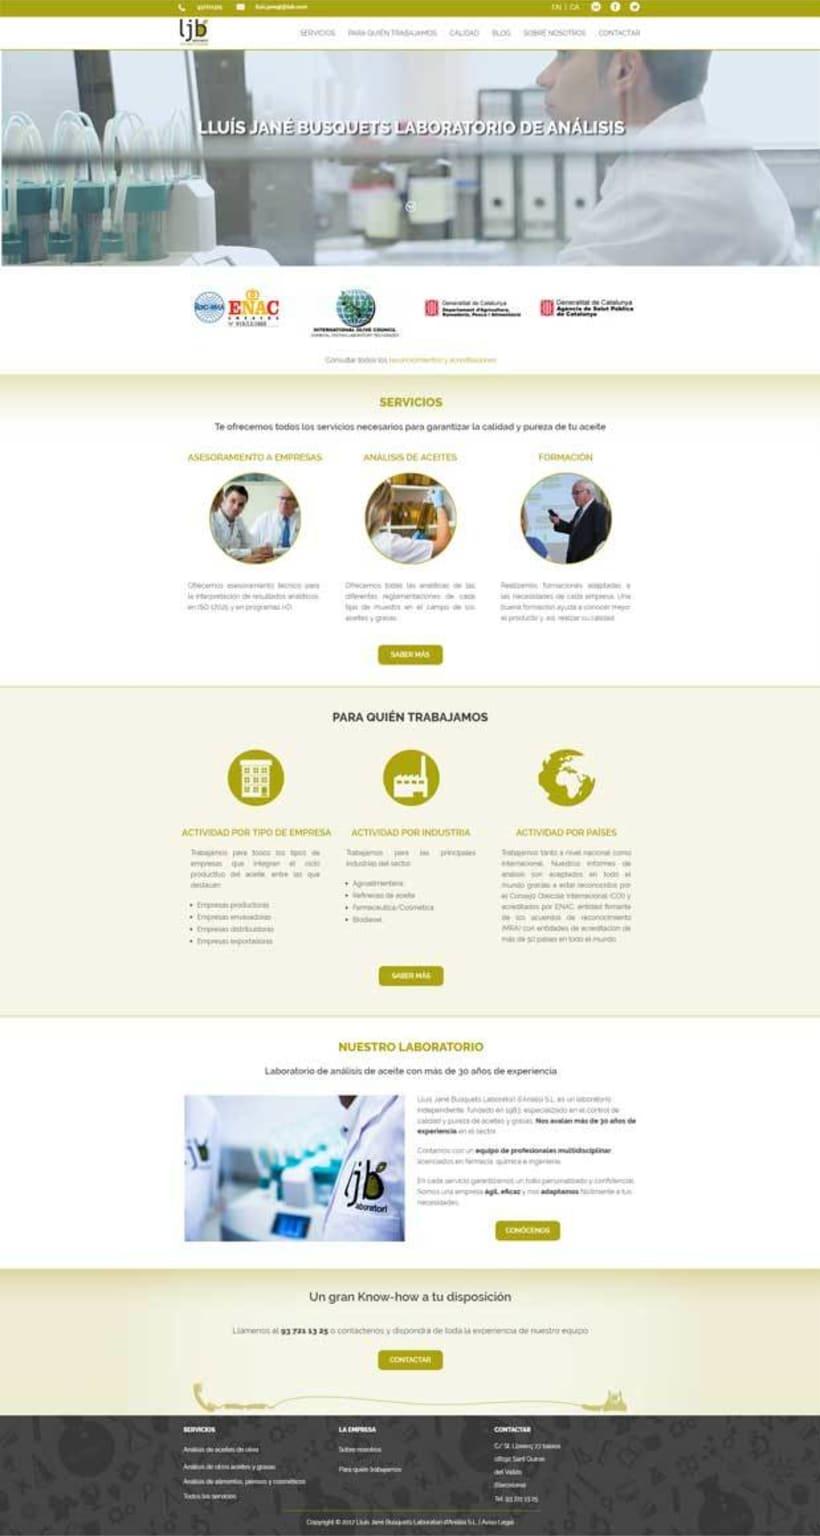 Web LJB Lab 0